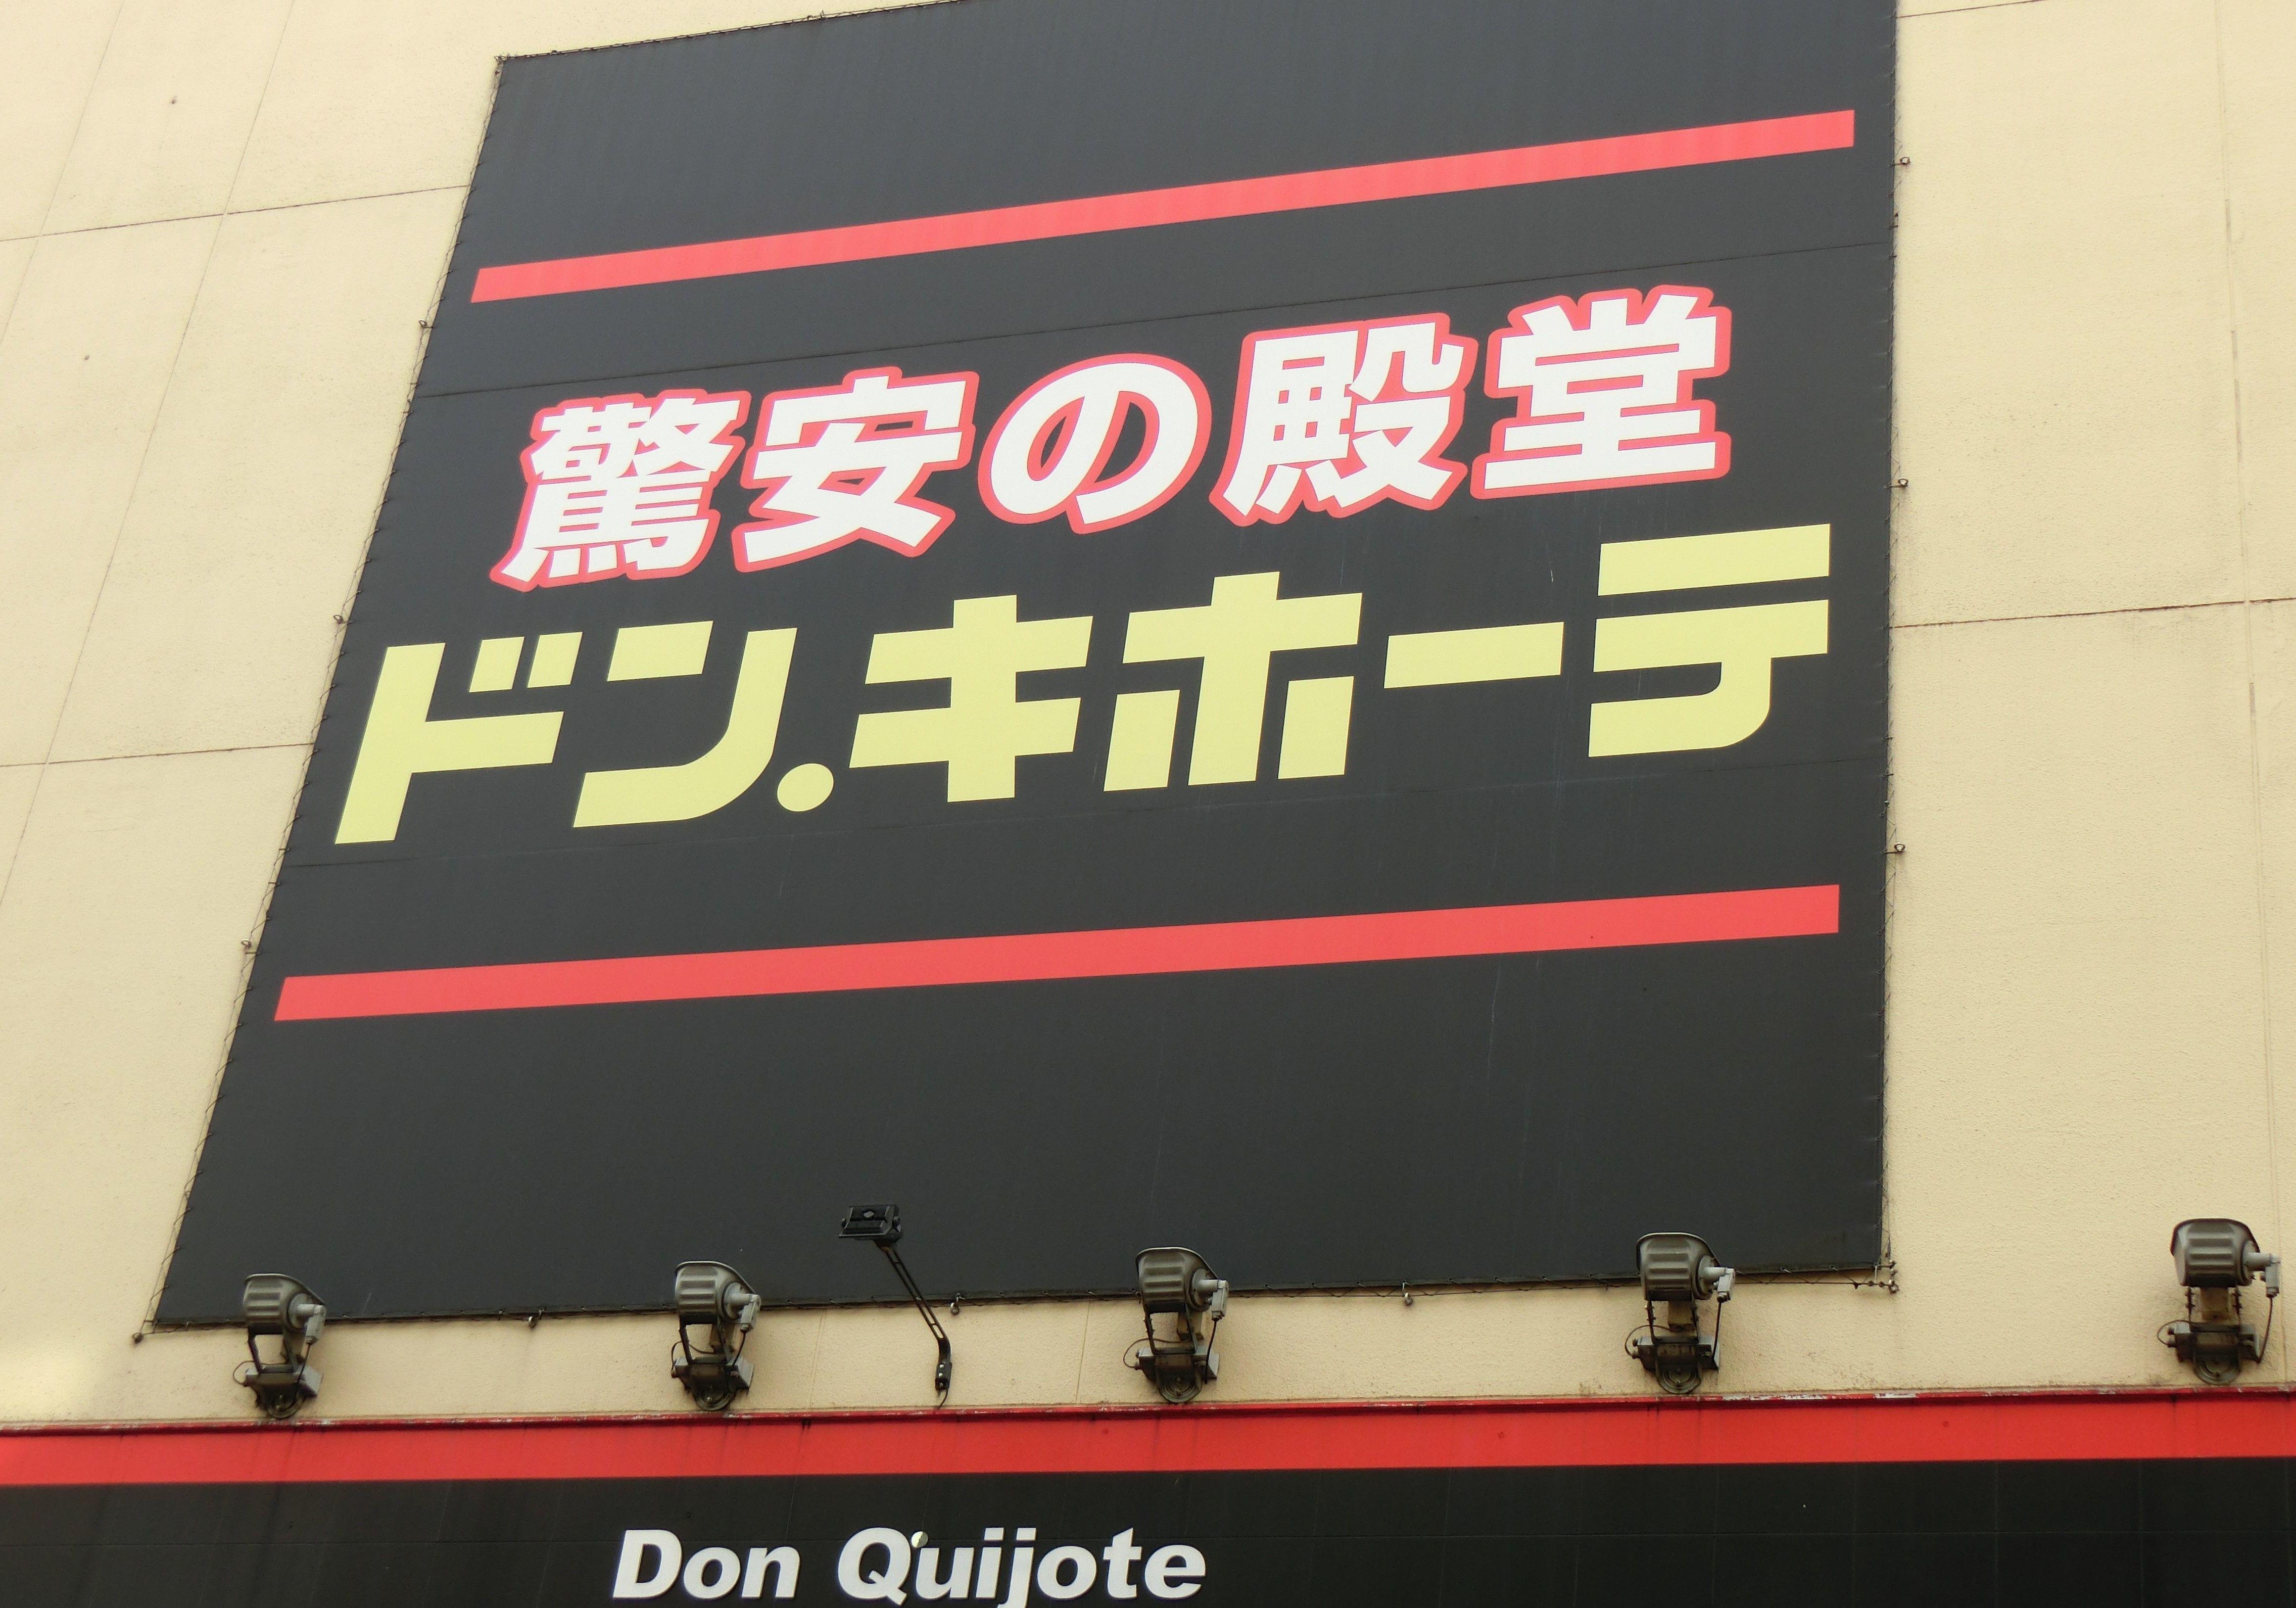 2018年ネーミング事情…「高輪ゲートウェイ」から「日本製鉄」まで